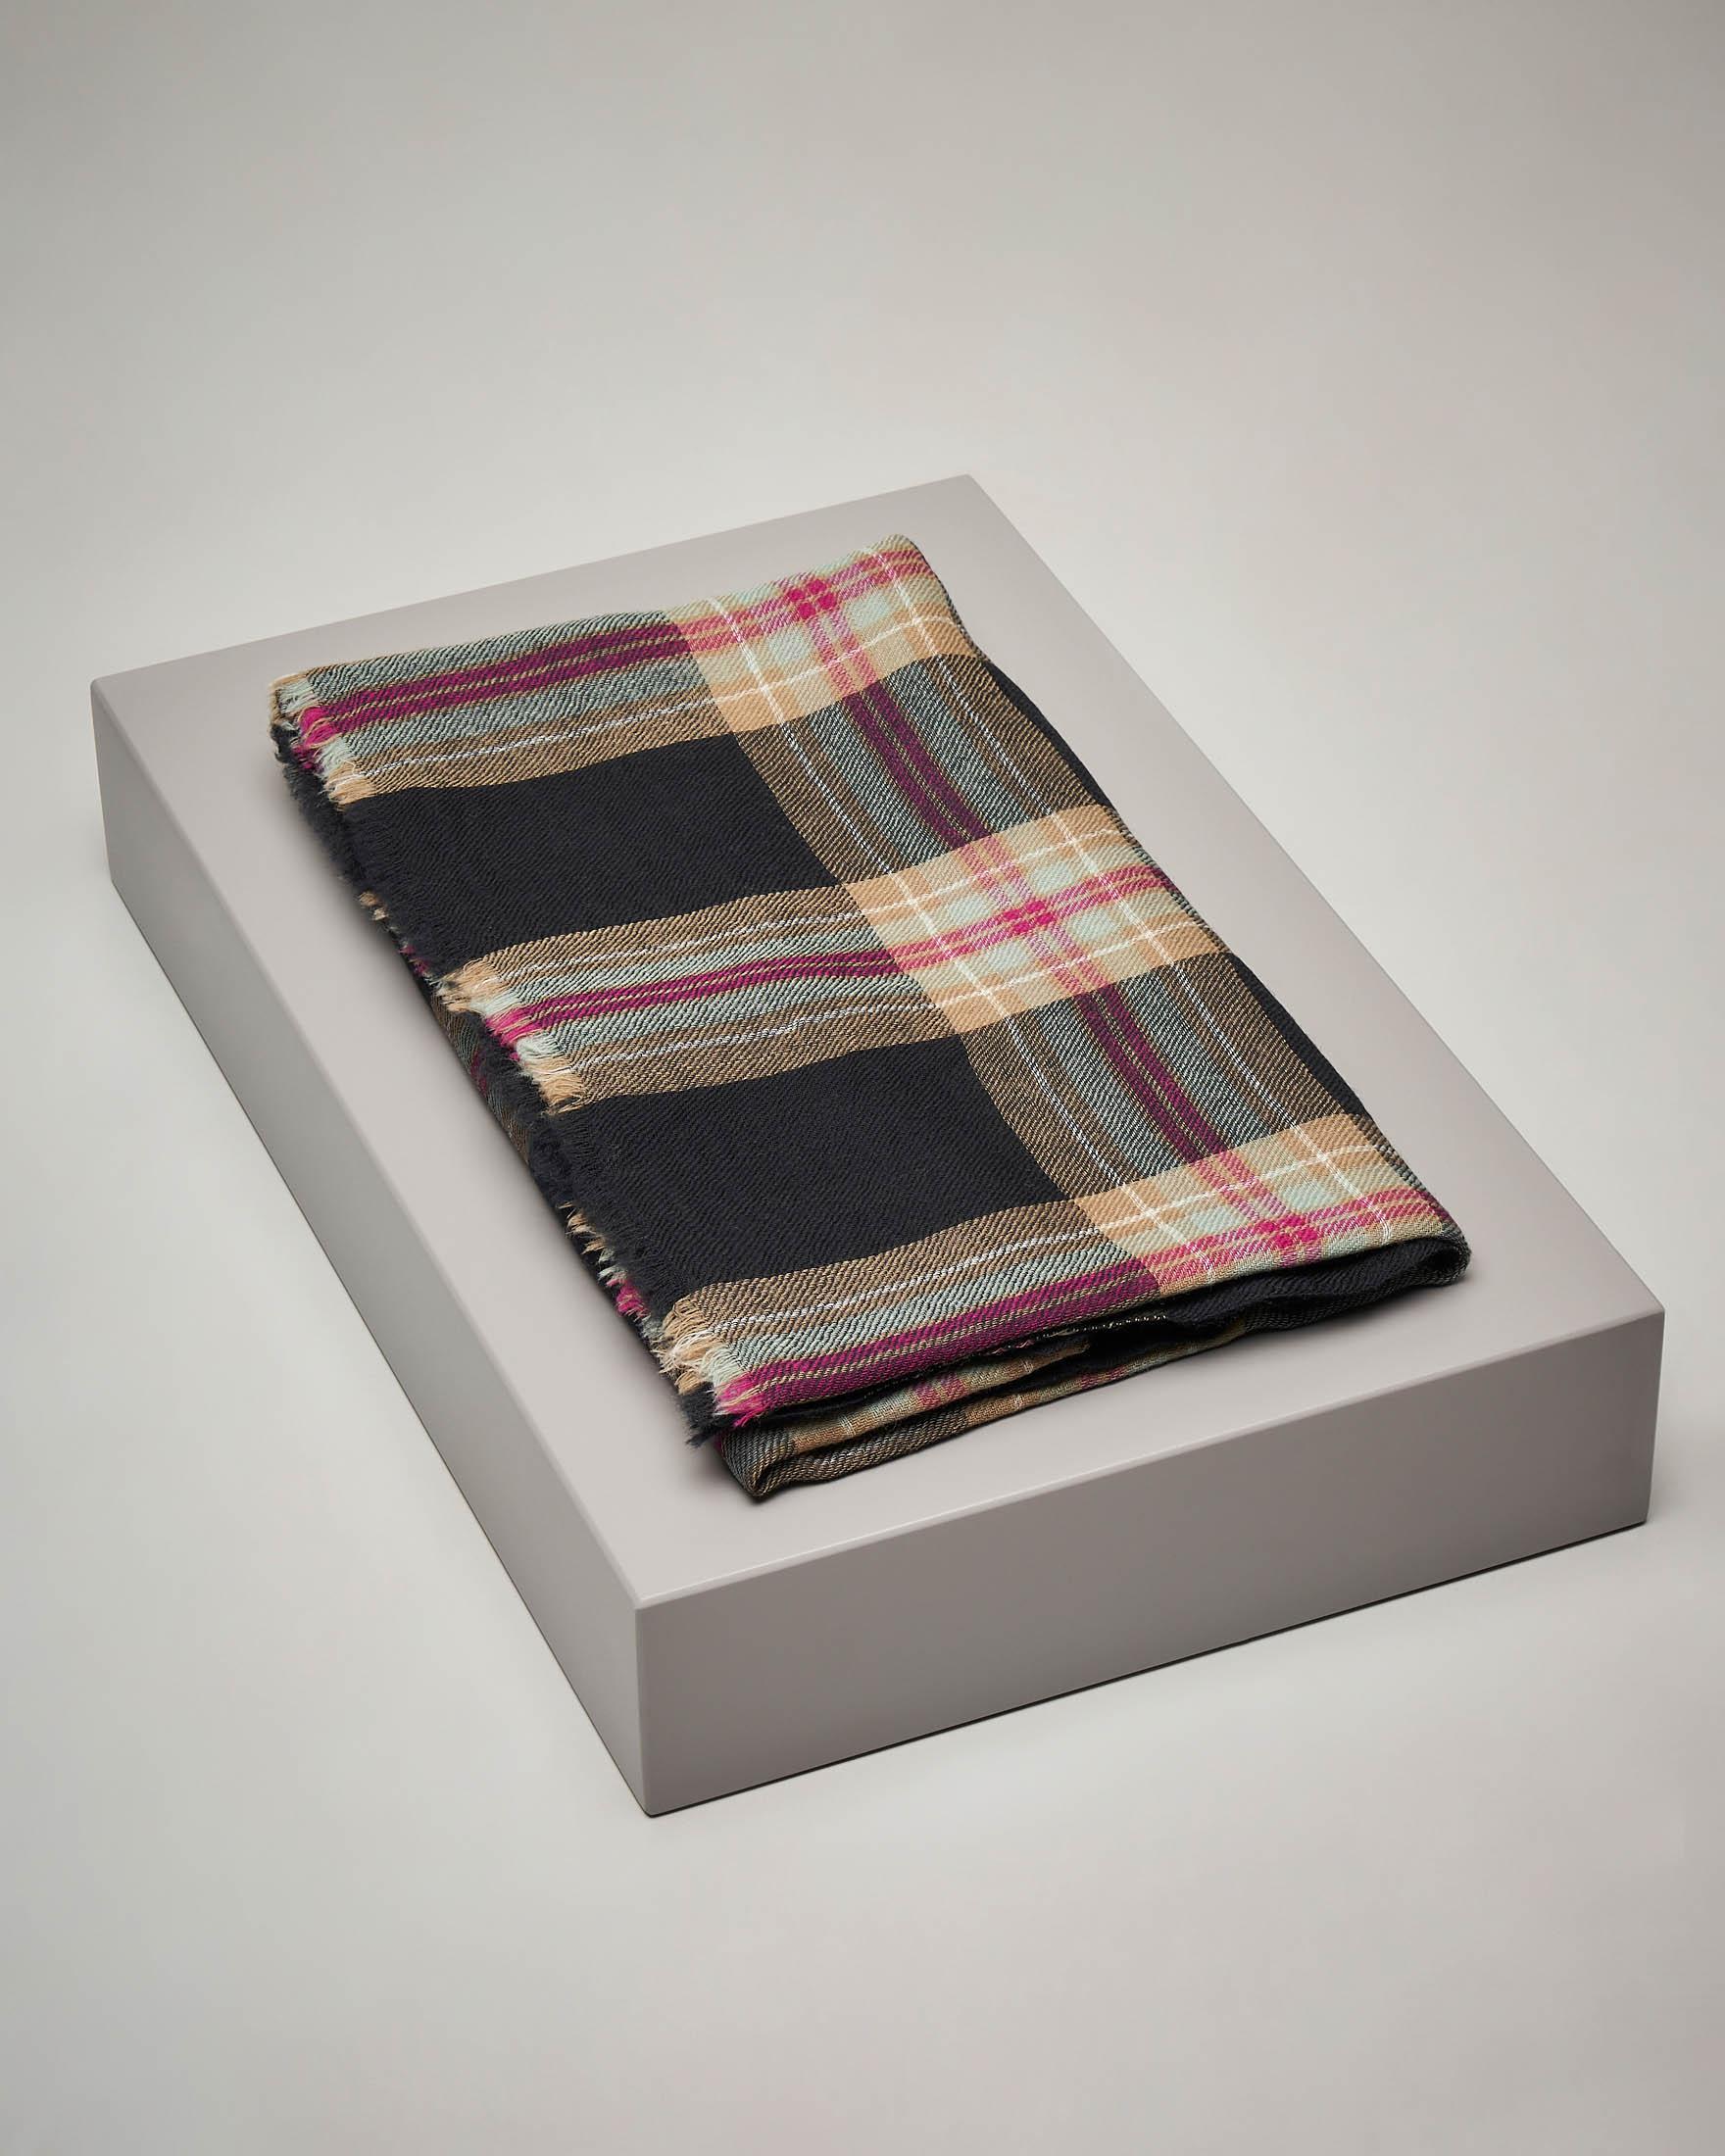 Sciarpa in lana a fantasia check a base nera con inserti rossi